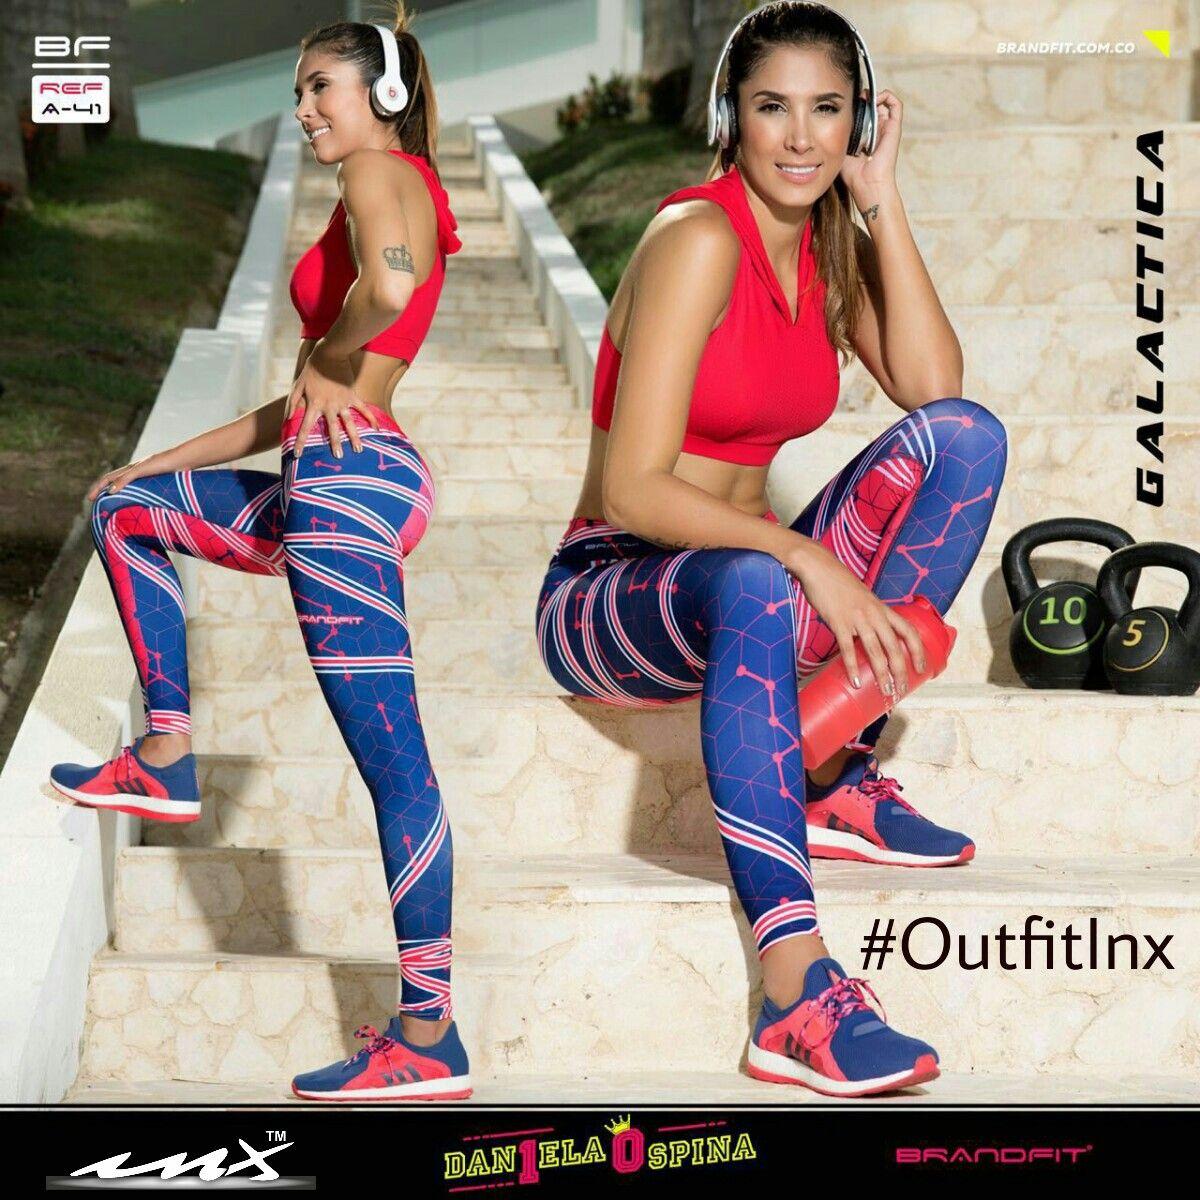 Elegir el mejor outfit para entrenar te permitirá lucir bien y sentirte cómoda, ésta es nuestra propuesta #OutfitInx #training #FashionFitness